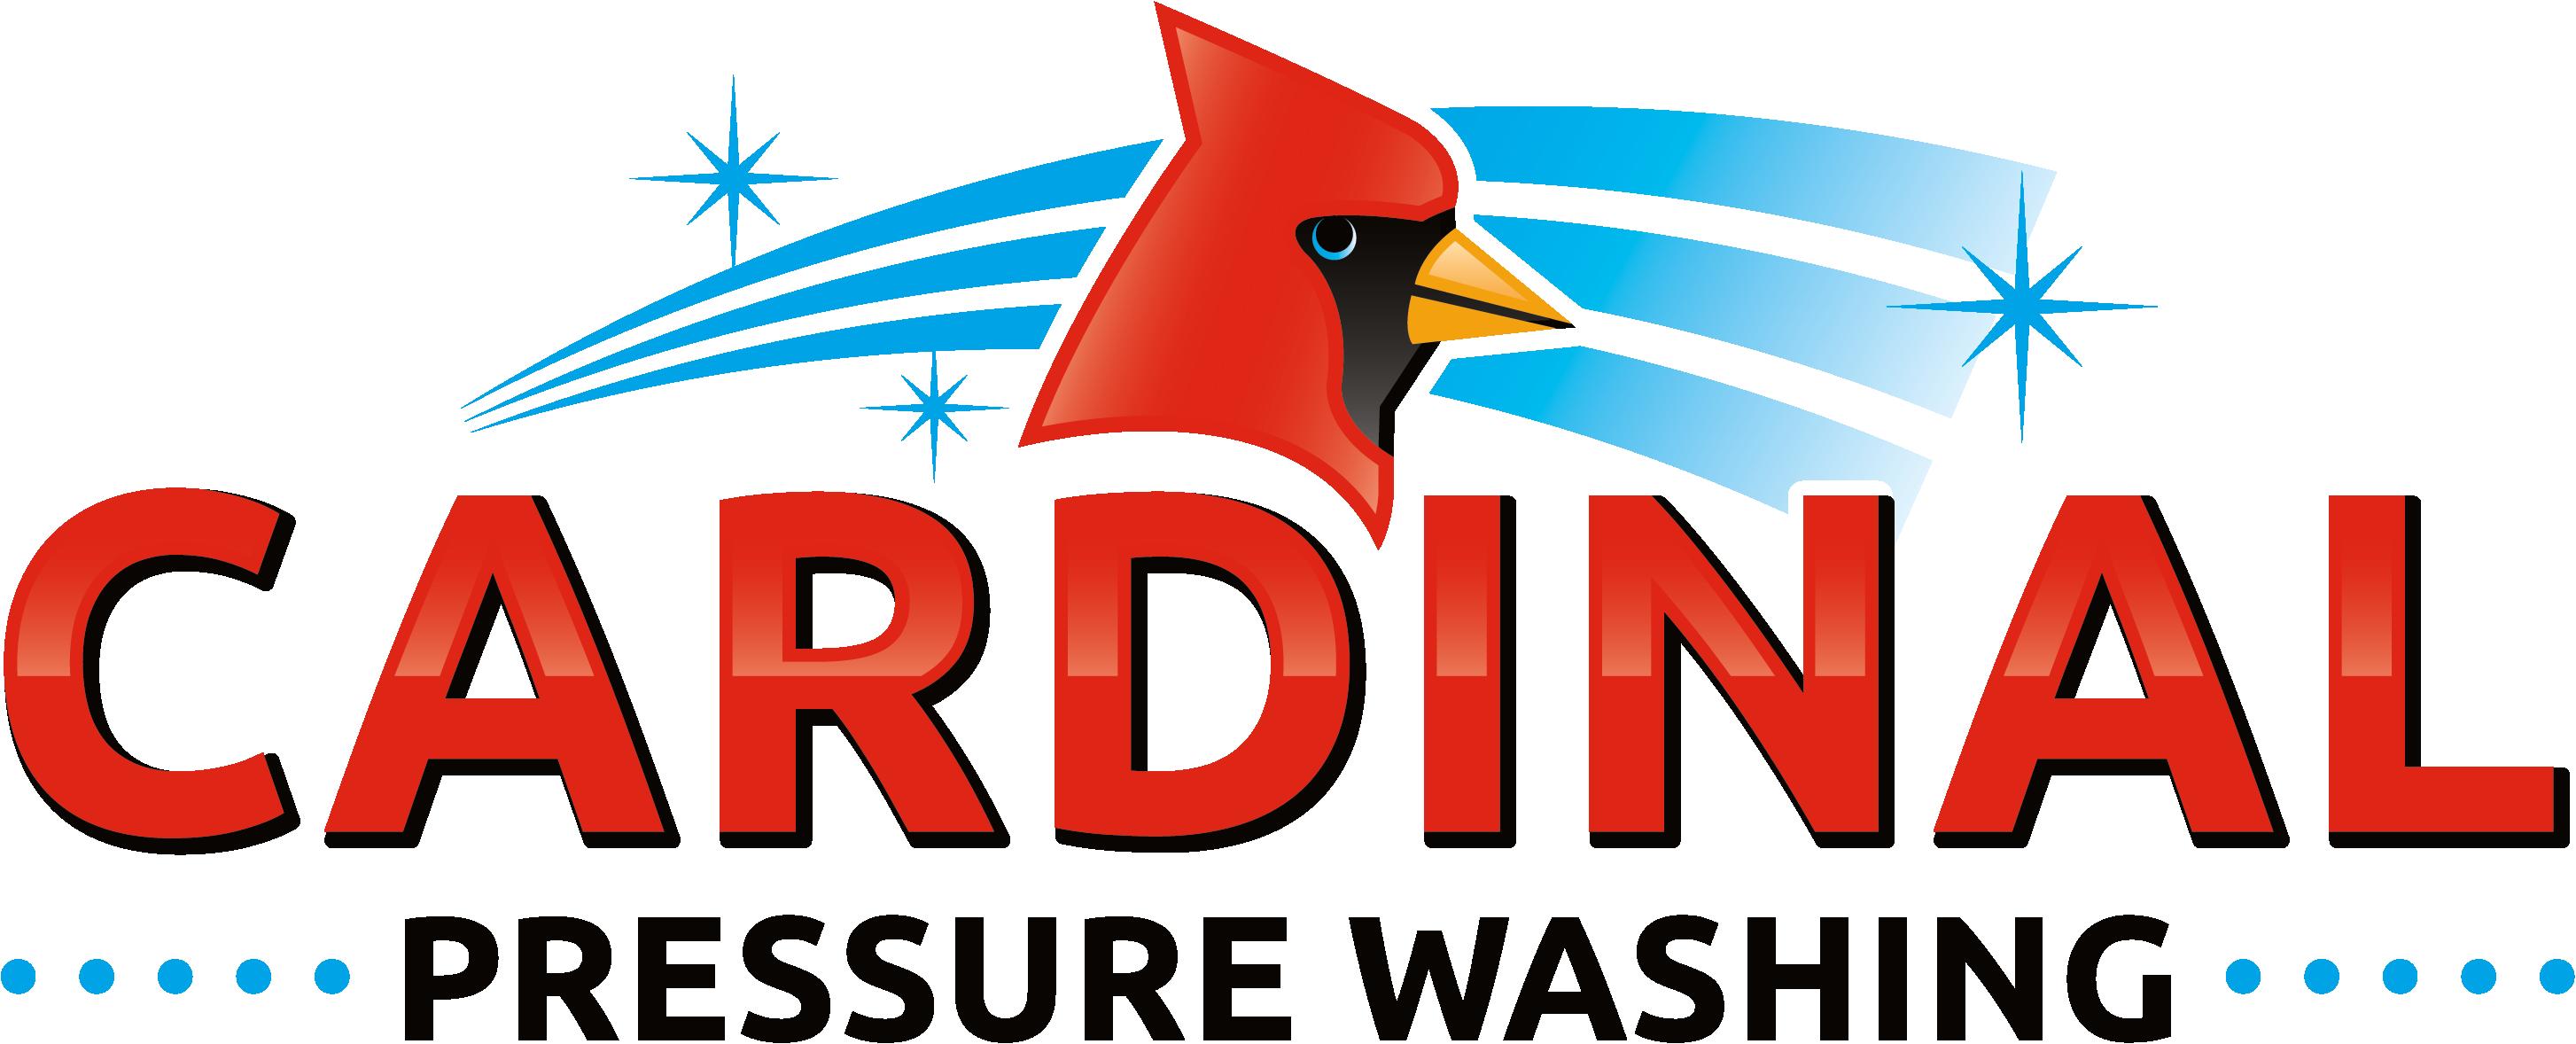 cardinalpressurewashers